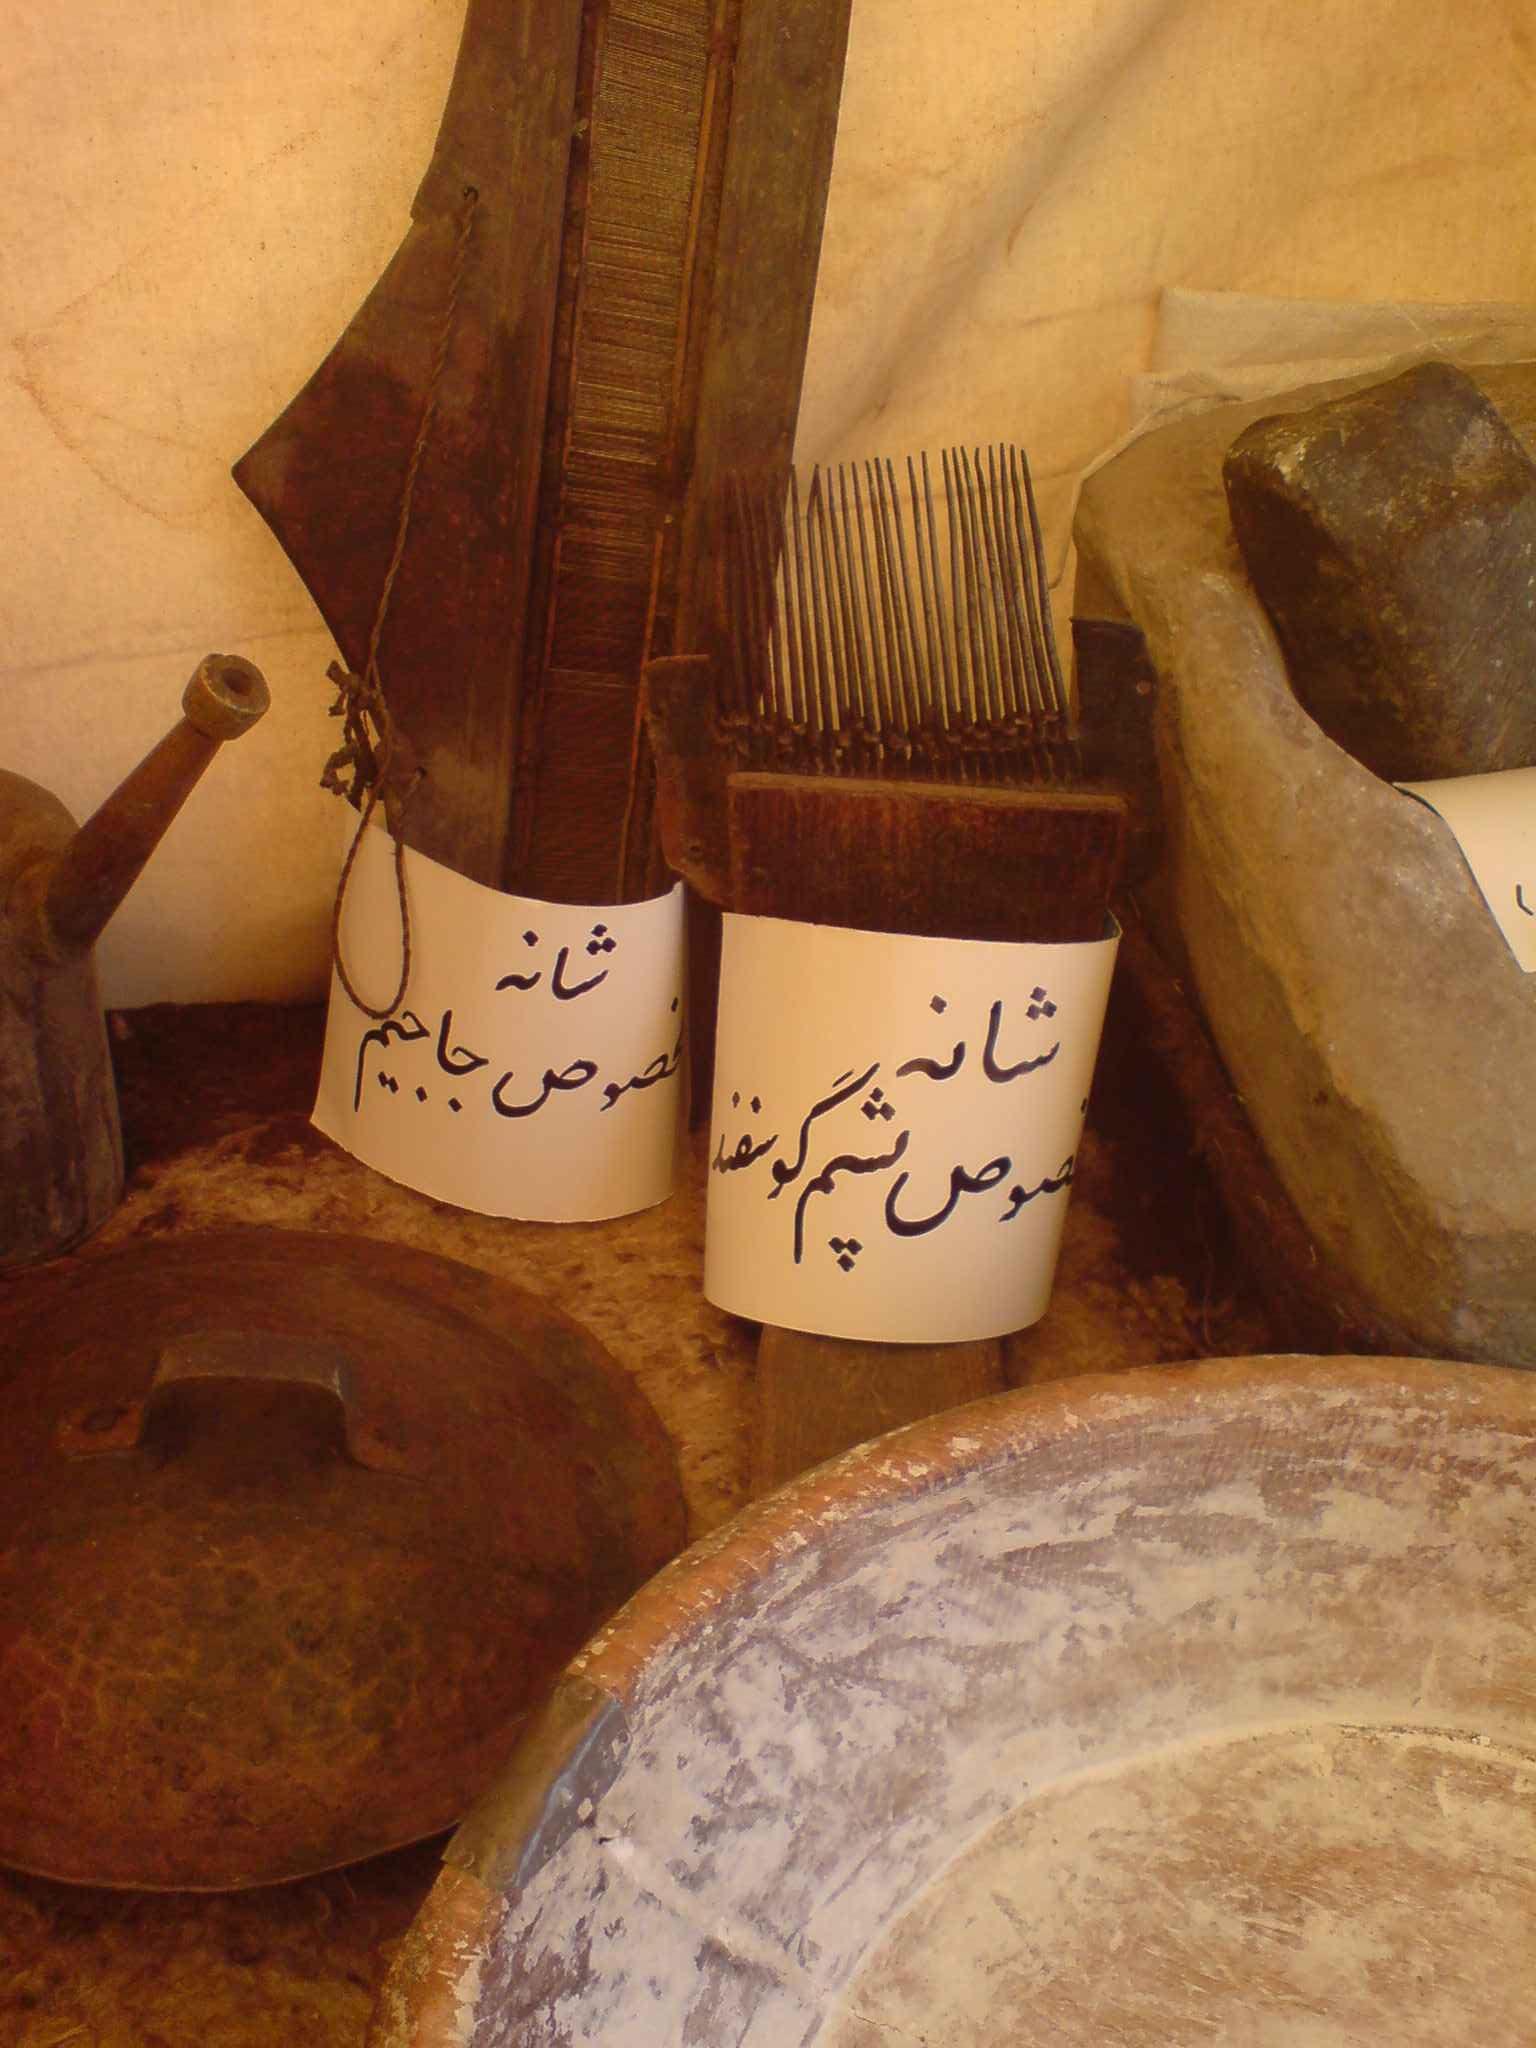 تصاوير وسايل مورد استفاده در روستاي نسن نور در زمان قديم